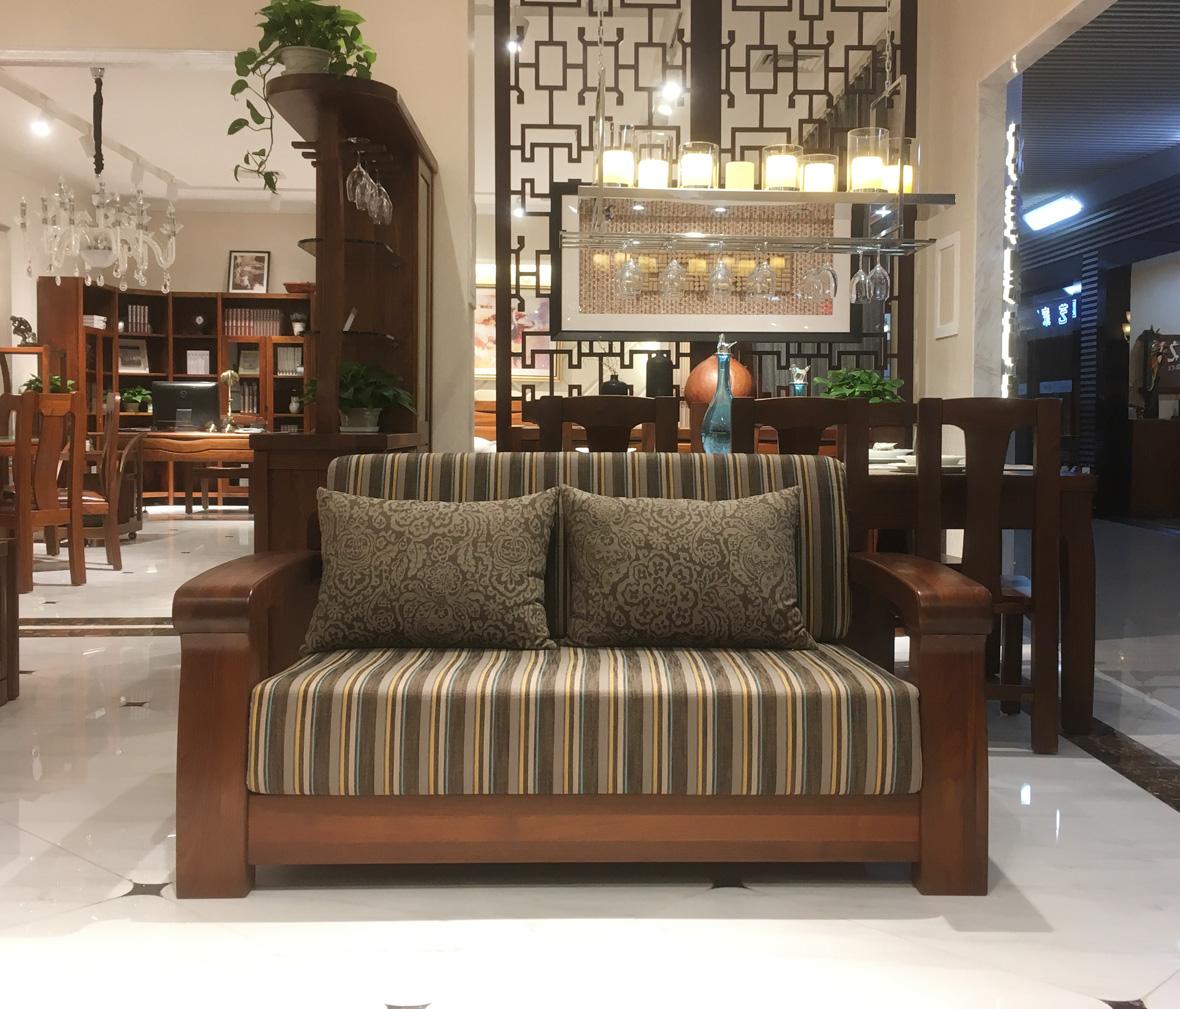 莫霞家居 112双人沙发 黑胡桃材质双人沙发 实木家具